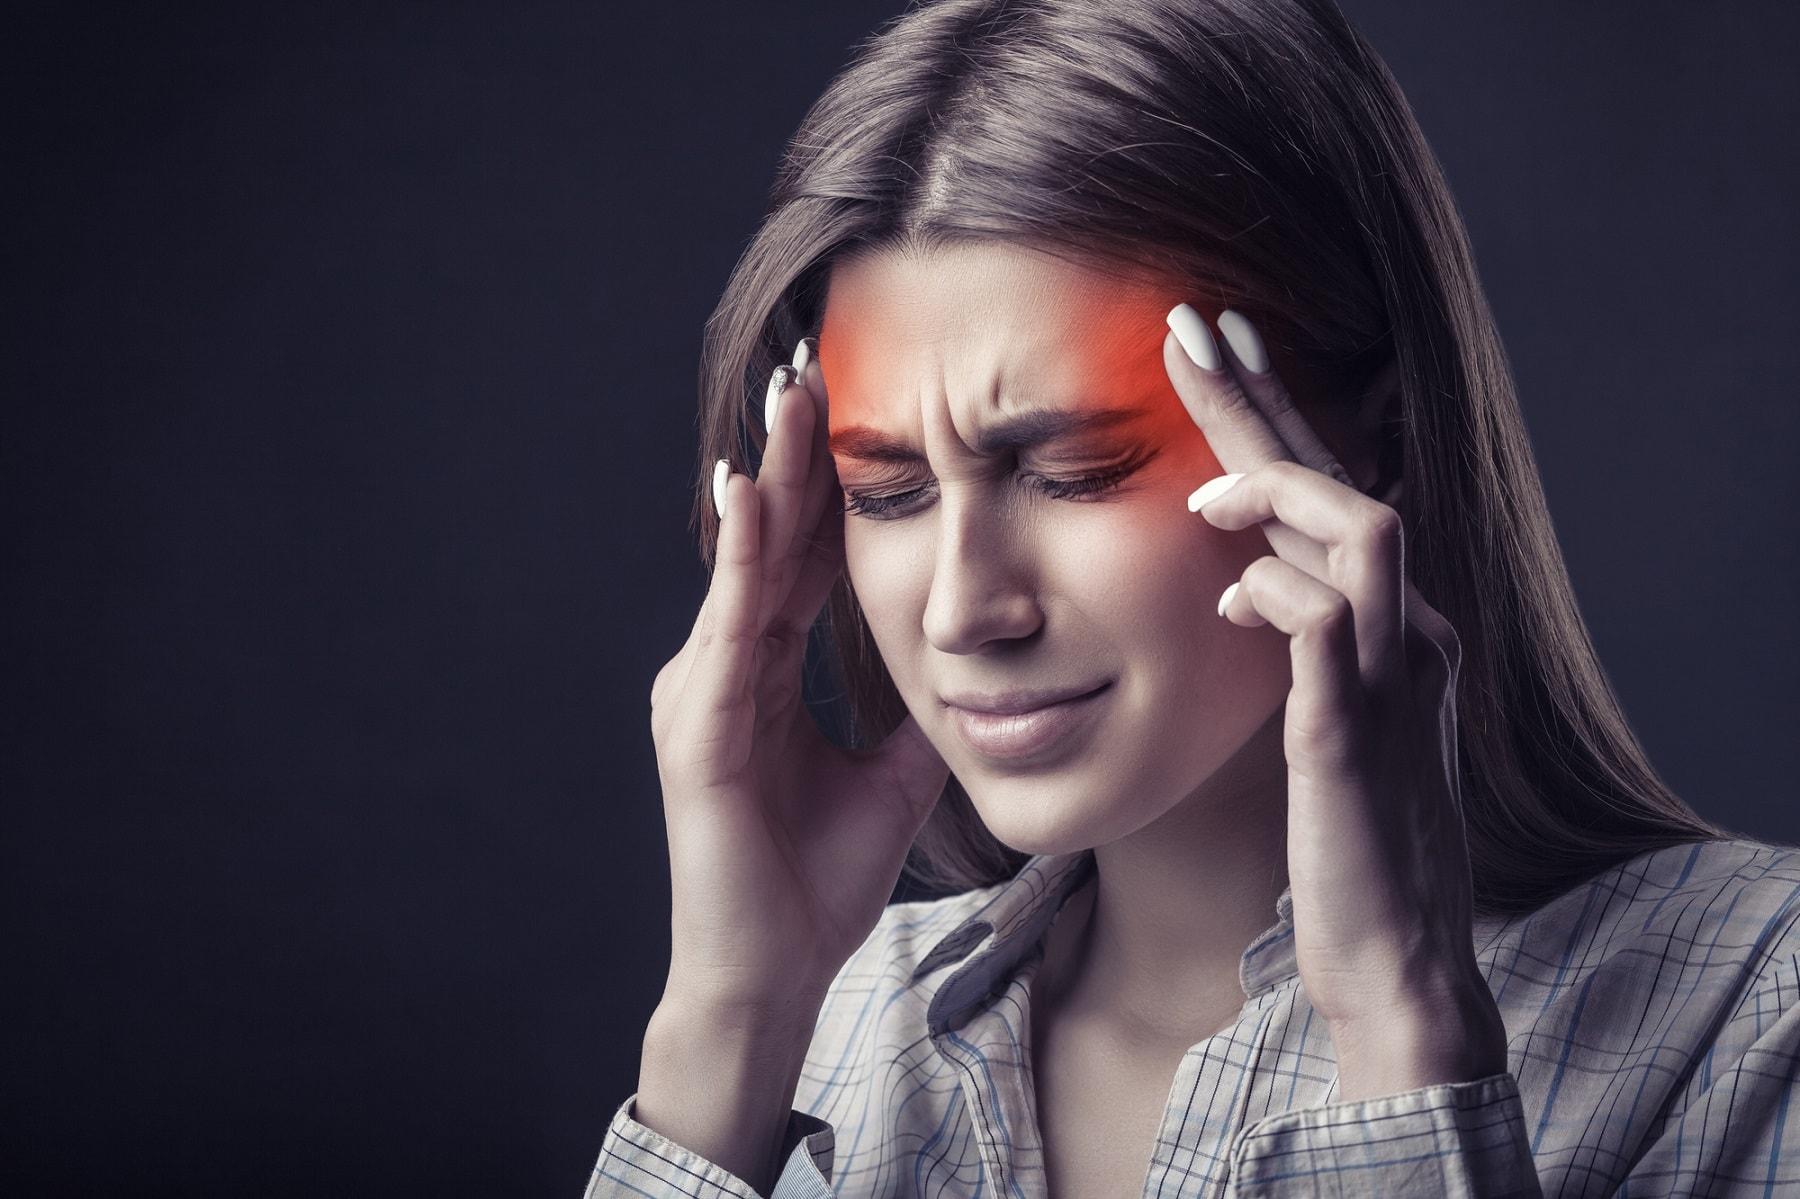 Мигрень. симптомы, причины, лечение. - здоровье прежде всего!